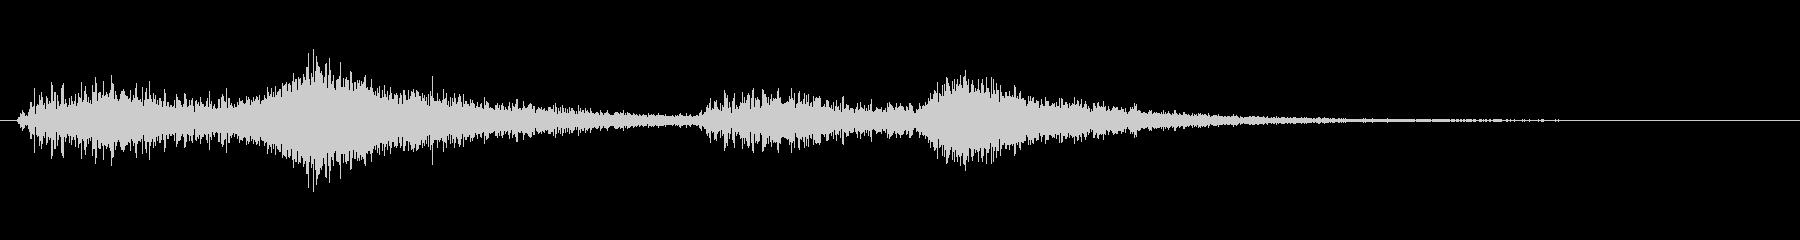 オーケストラでジャジャン ジャジャン2の未再生の波形